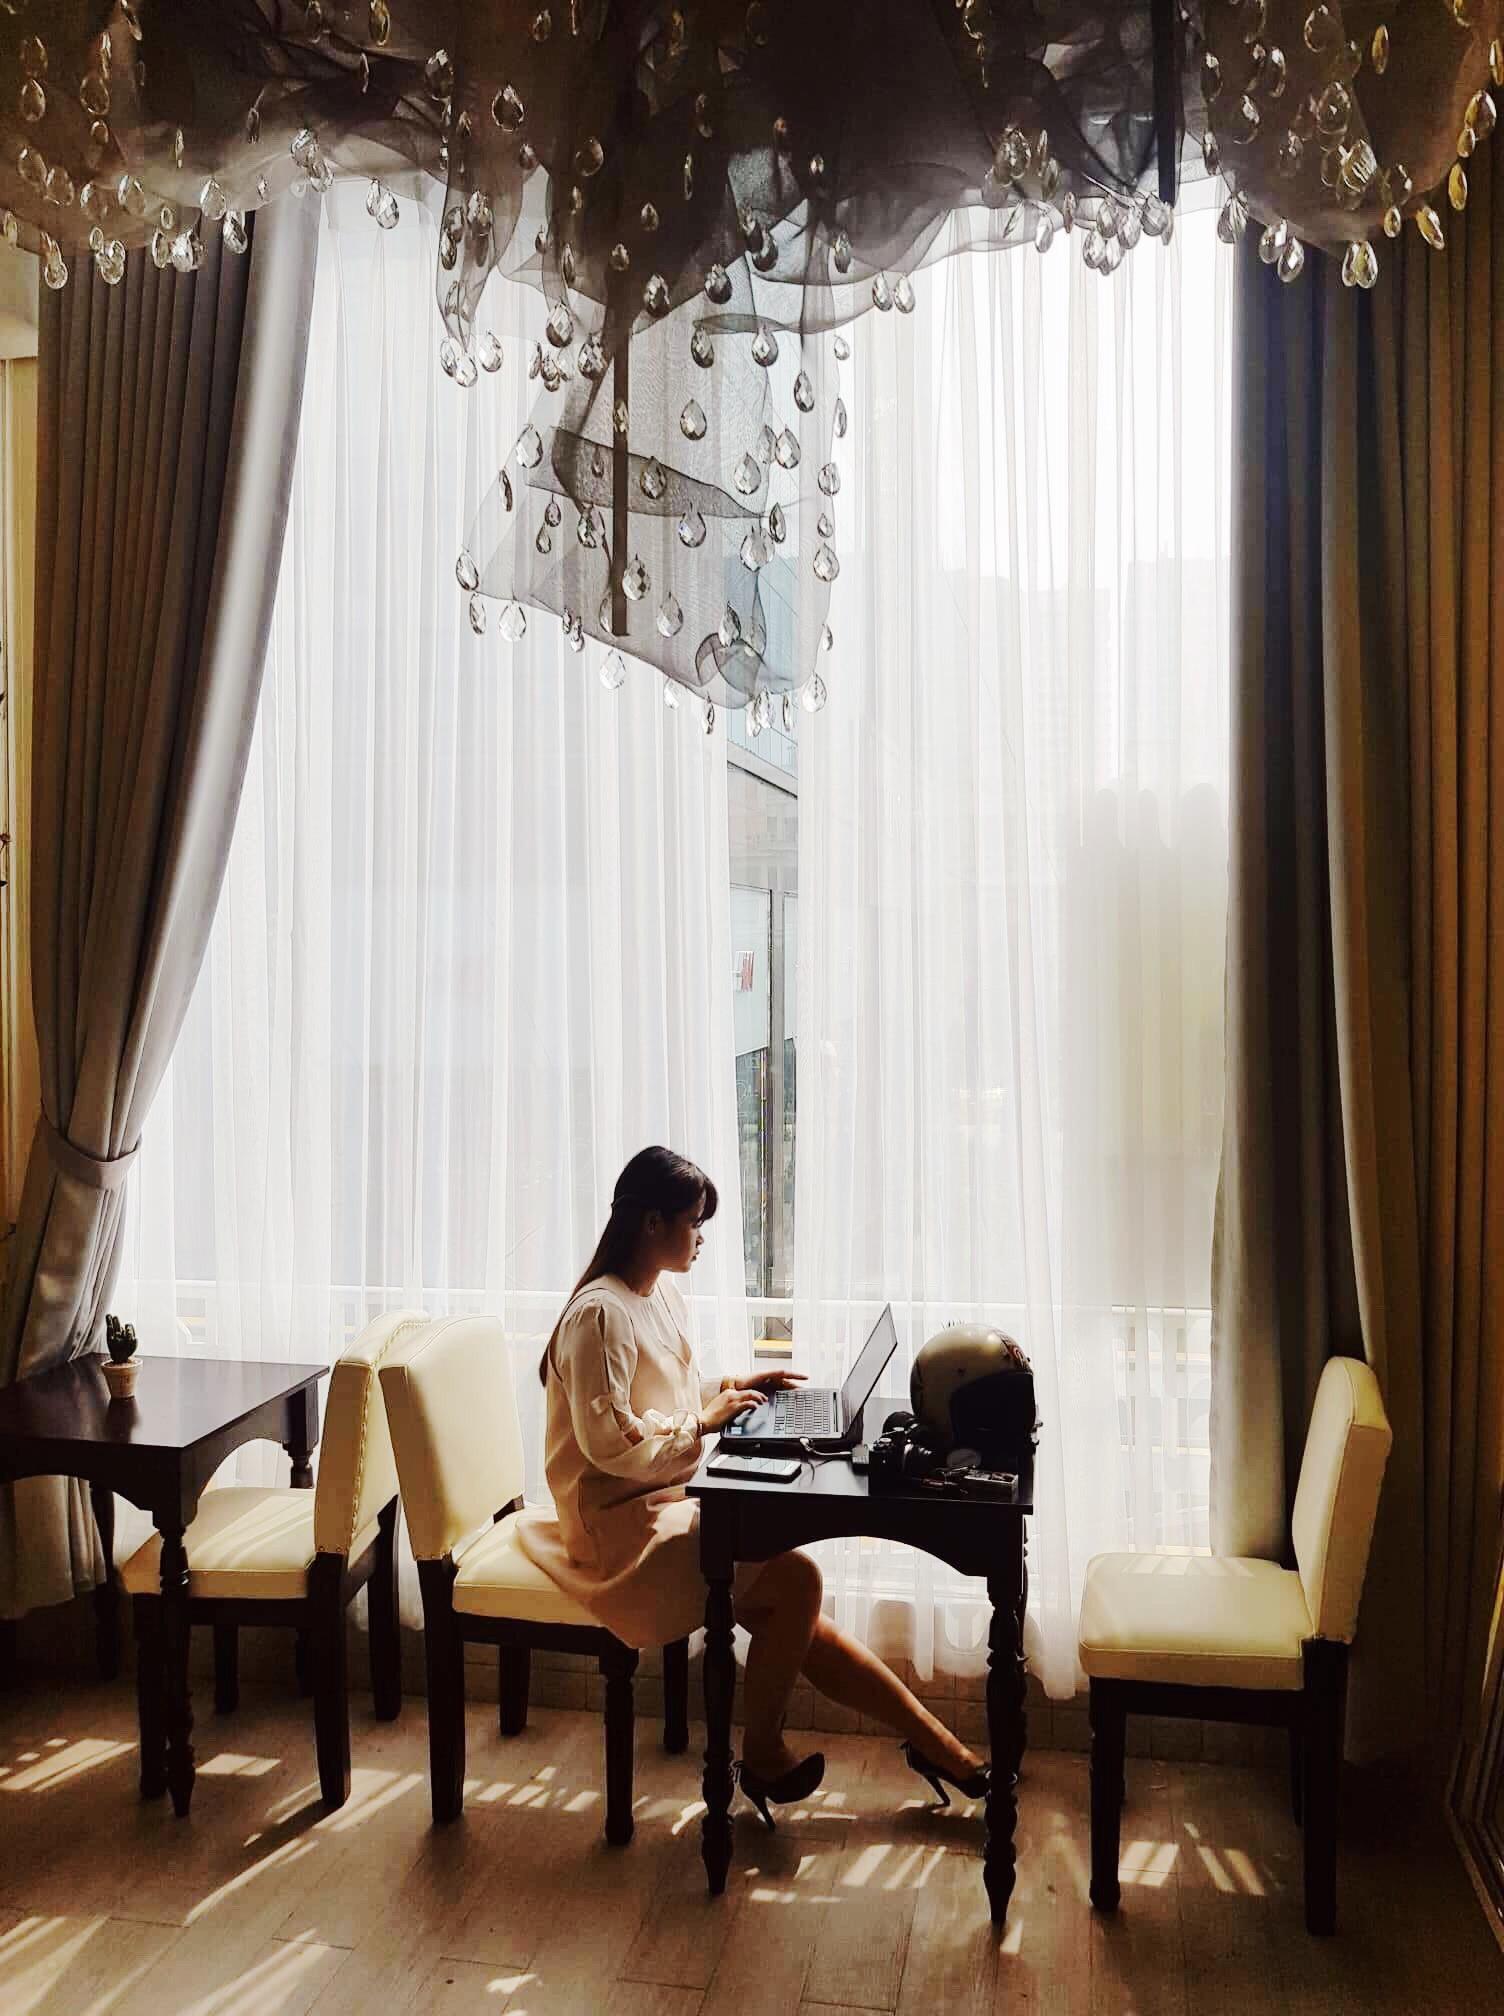 The Letter Coffee: quán cafe độc đáo ẩn mình trong chung cư cổ ngay giữa lòng Sài Gòn - Ảnh 2.